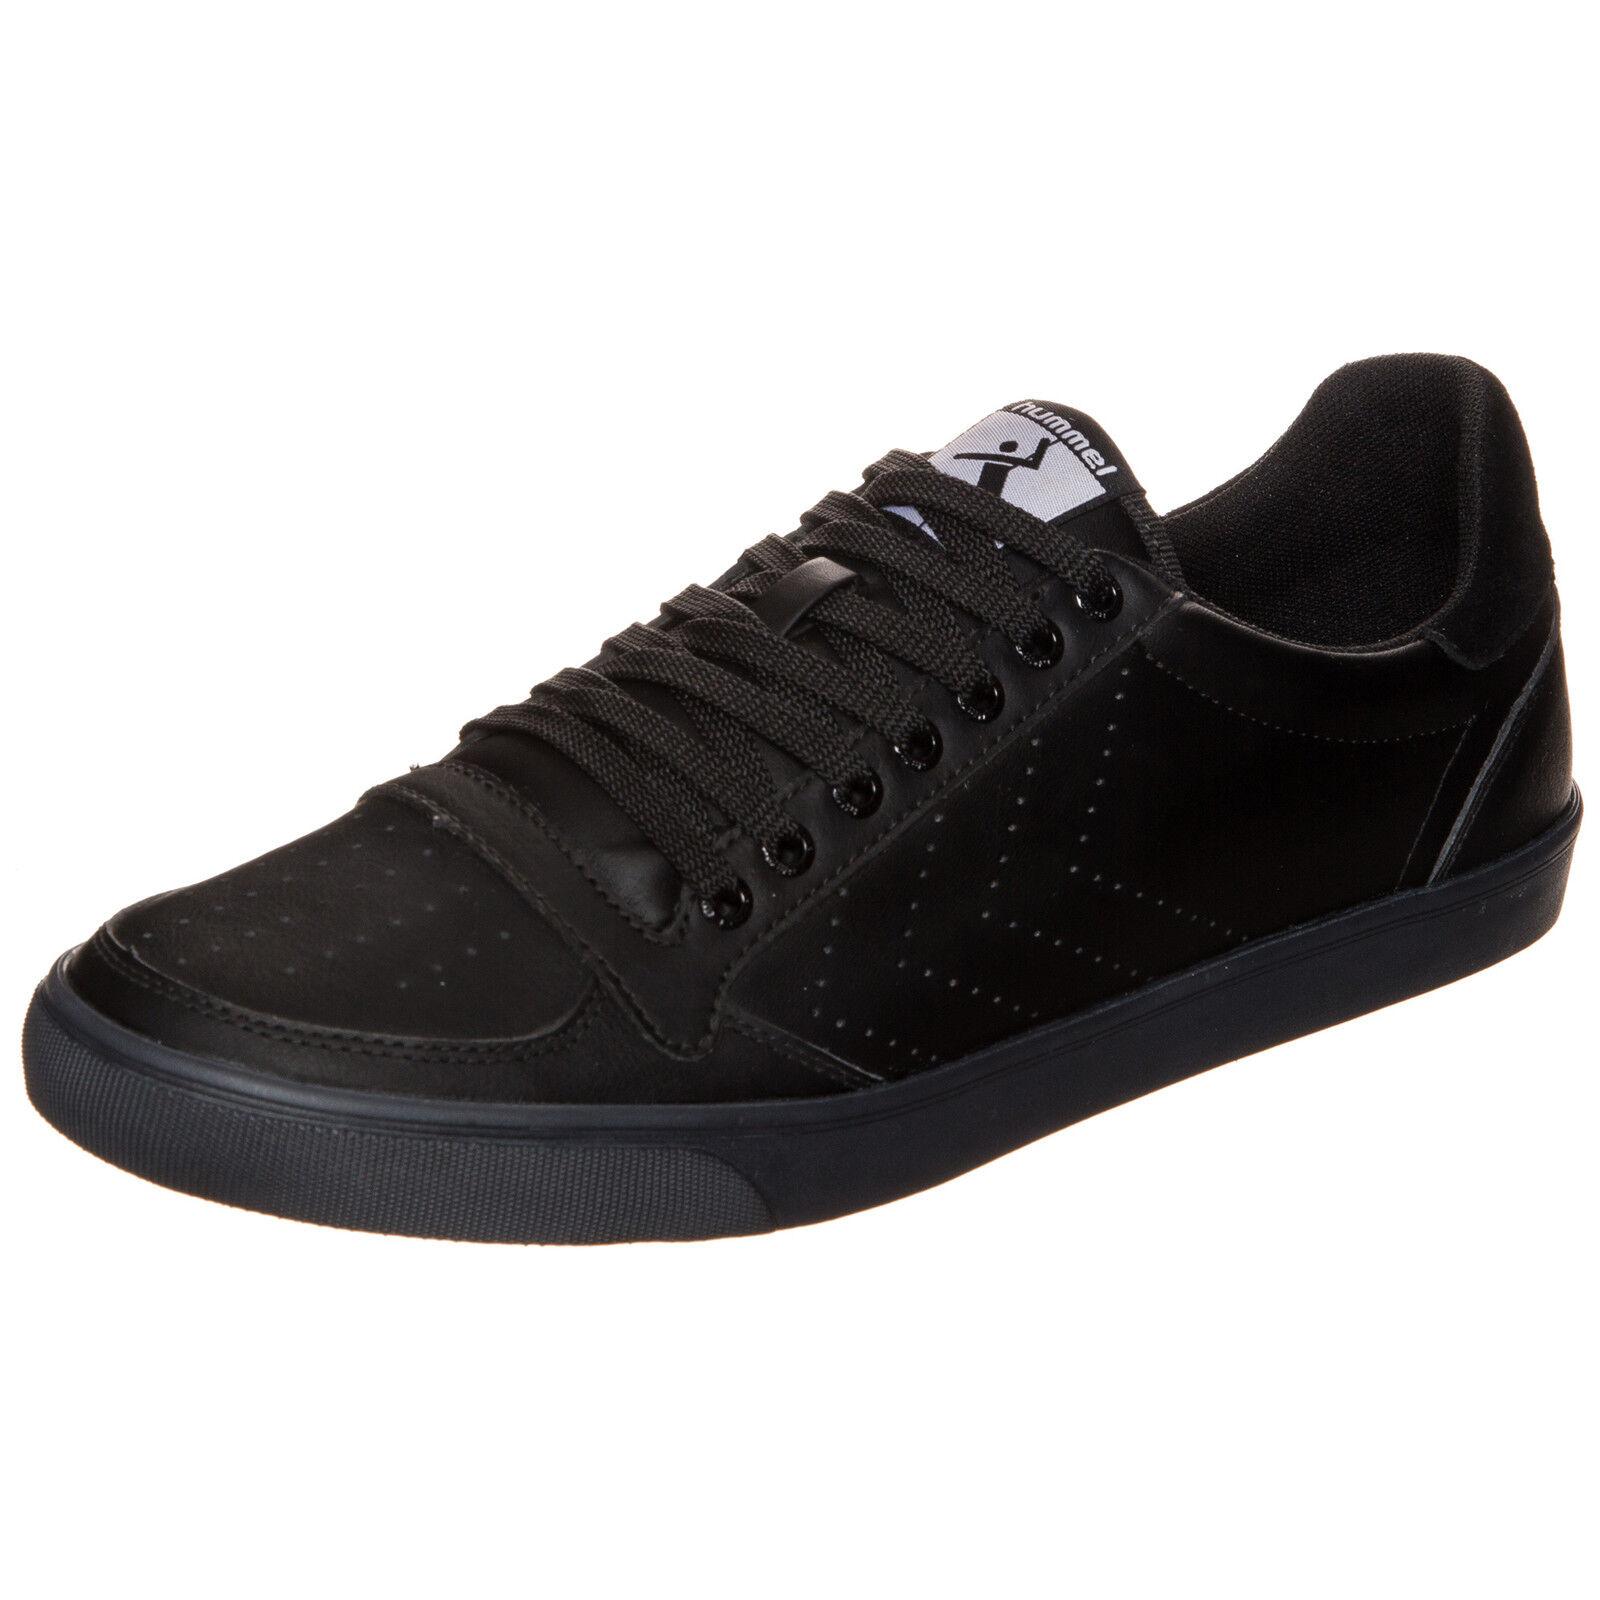 Hummel Slimmer Stadil Ace Sneaker Turnschuhe Schwarz NEU Schuhe Turnschuhe Sneaker d92409